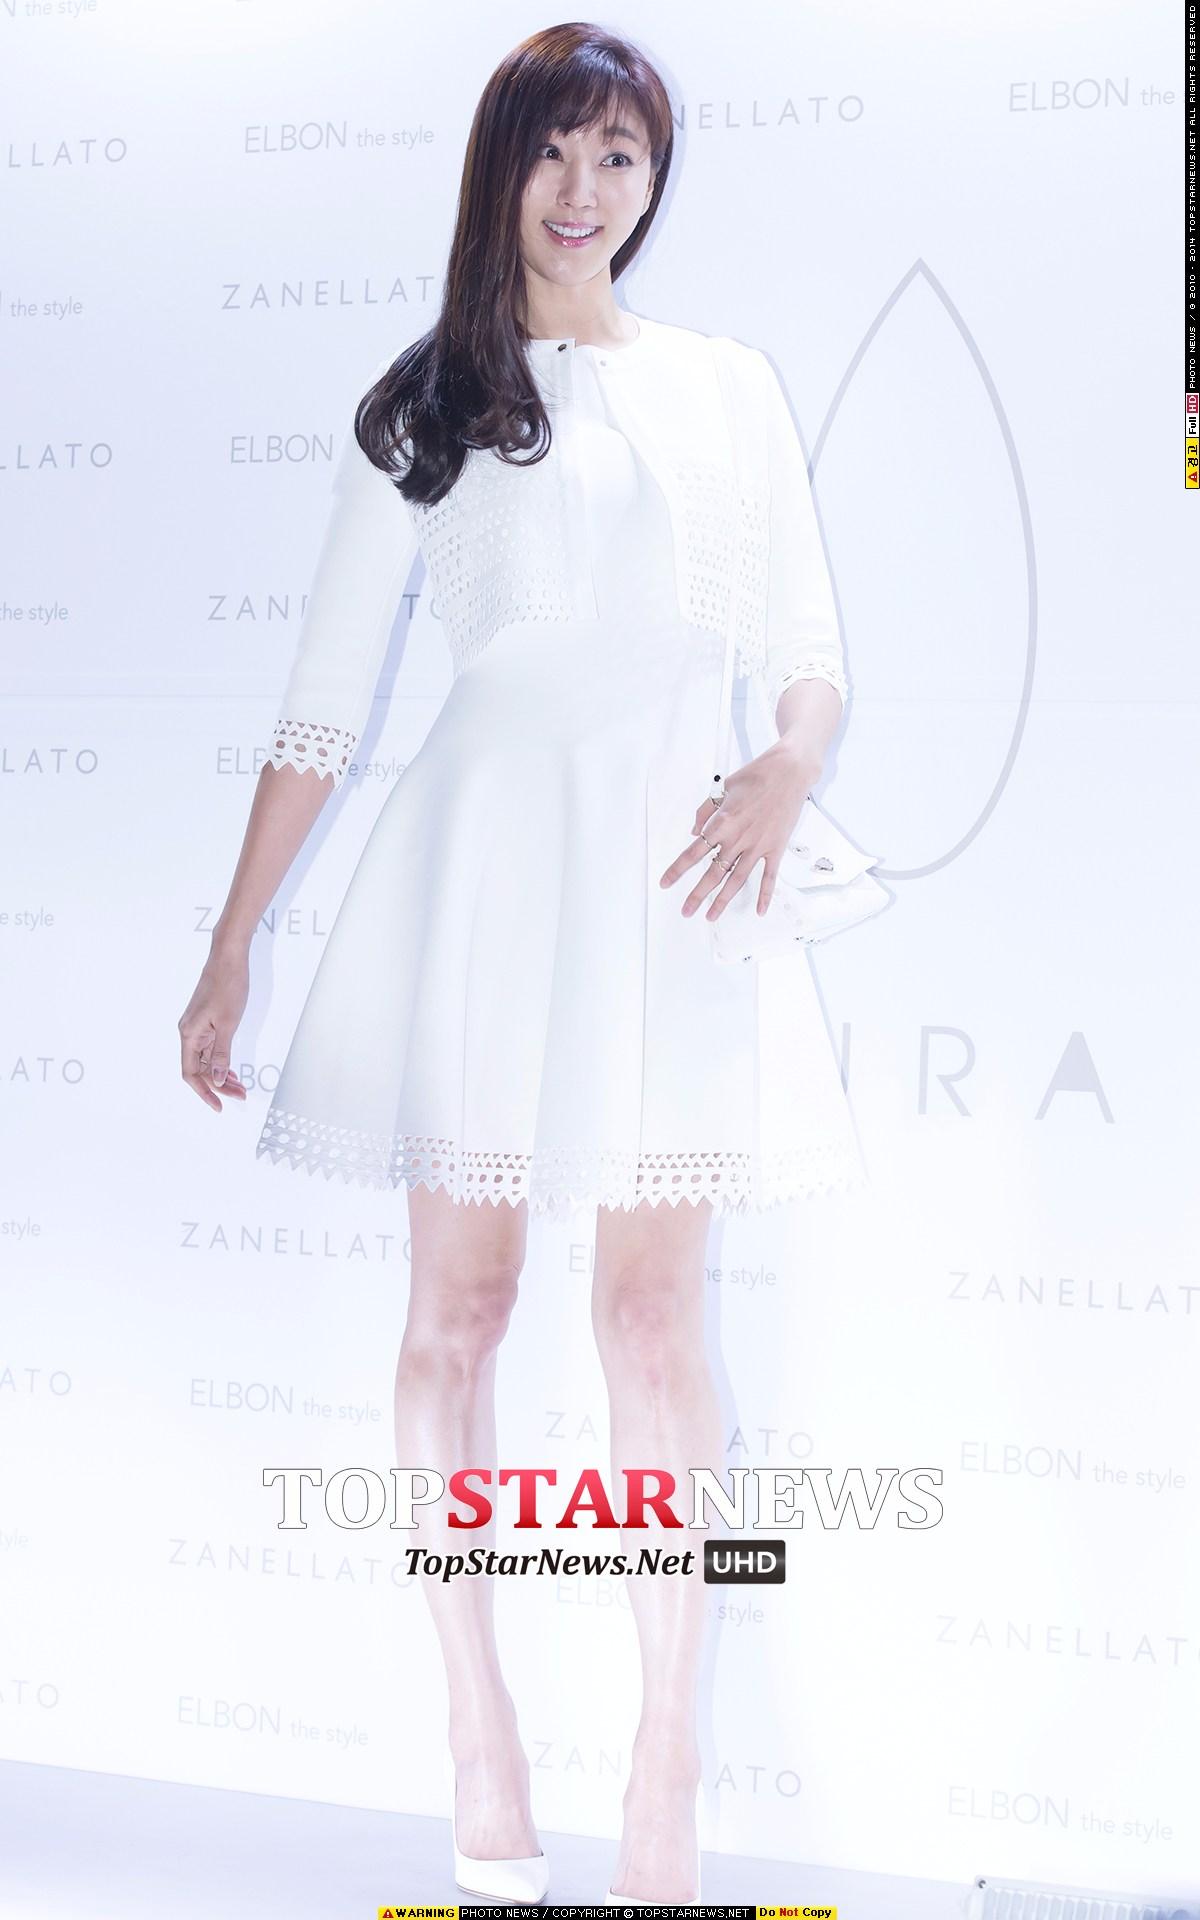 5位 金思朗 (78年生,演員) 2000年獲得韓國小姐冠軍的金思朗,年齡完全看不出來啊~ 臉蛋和身材還是跟20代一樣好~太會保養了!!!